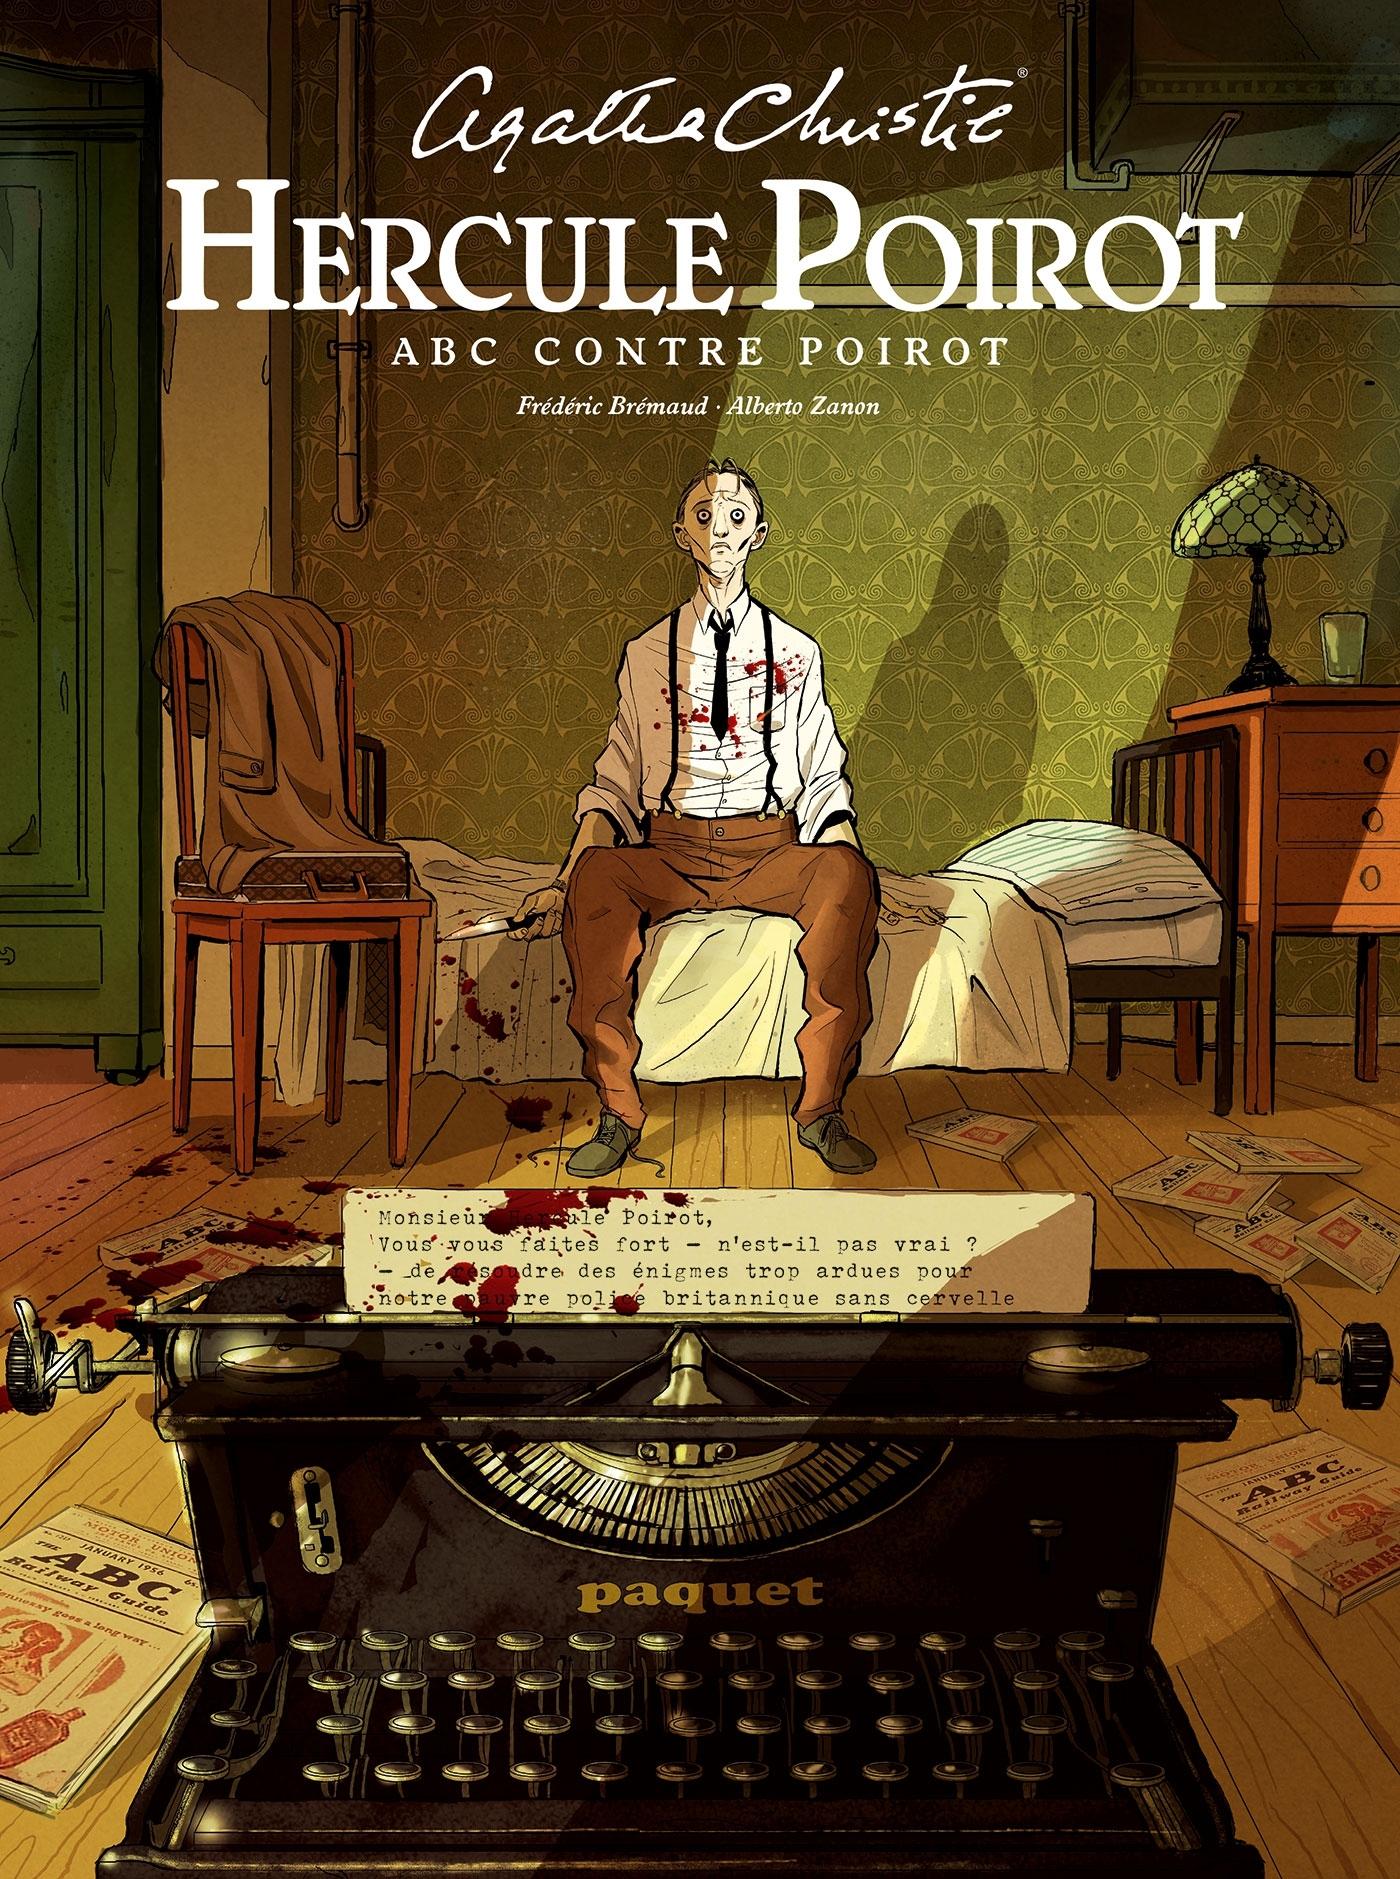 HERCULE POIROT - HISTOIRE COMPLETE - A.B.C. CONTRE POIROT - HERCULE POIROT